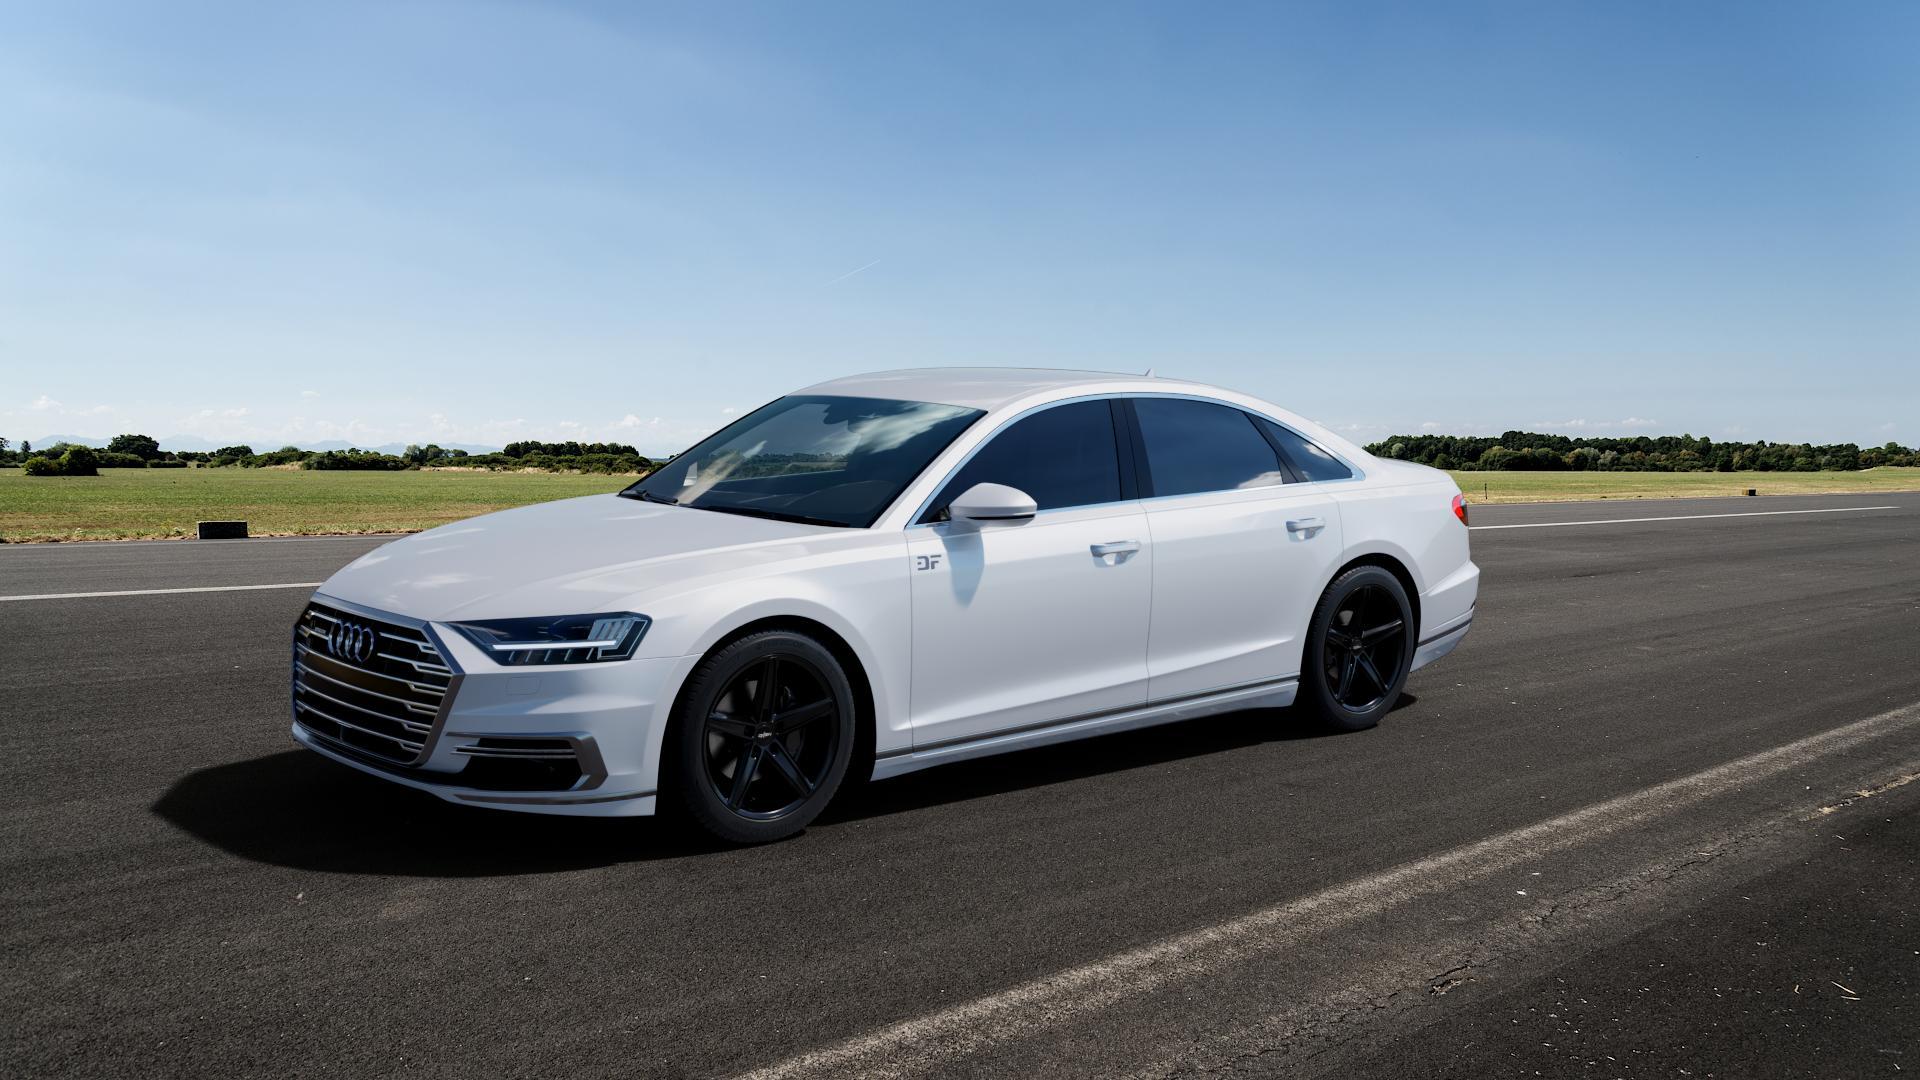 OXIGIN 18 Concave black Felge mit Reifen schwarz in 19Zoll Winterfelge Alufelge auf weissem Audi A8 Typ D5/F8 3,0l 60 TFSI e quattro 250kW (340 PS) Hybrid 4,0l 338kW (460 420kW S8 (571 TDI 210kW (286 320kW (435 ⬇️ mit 15mm Tieferlegung ⬇️ Big_Vehicle_Airstrip_1 Frontansicht_1